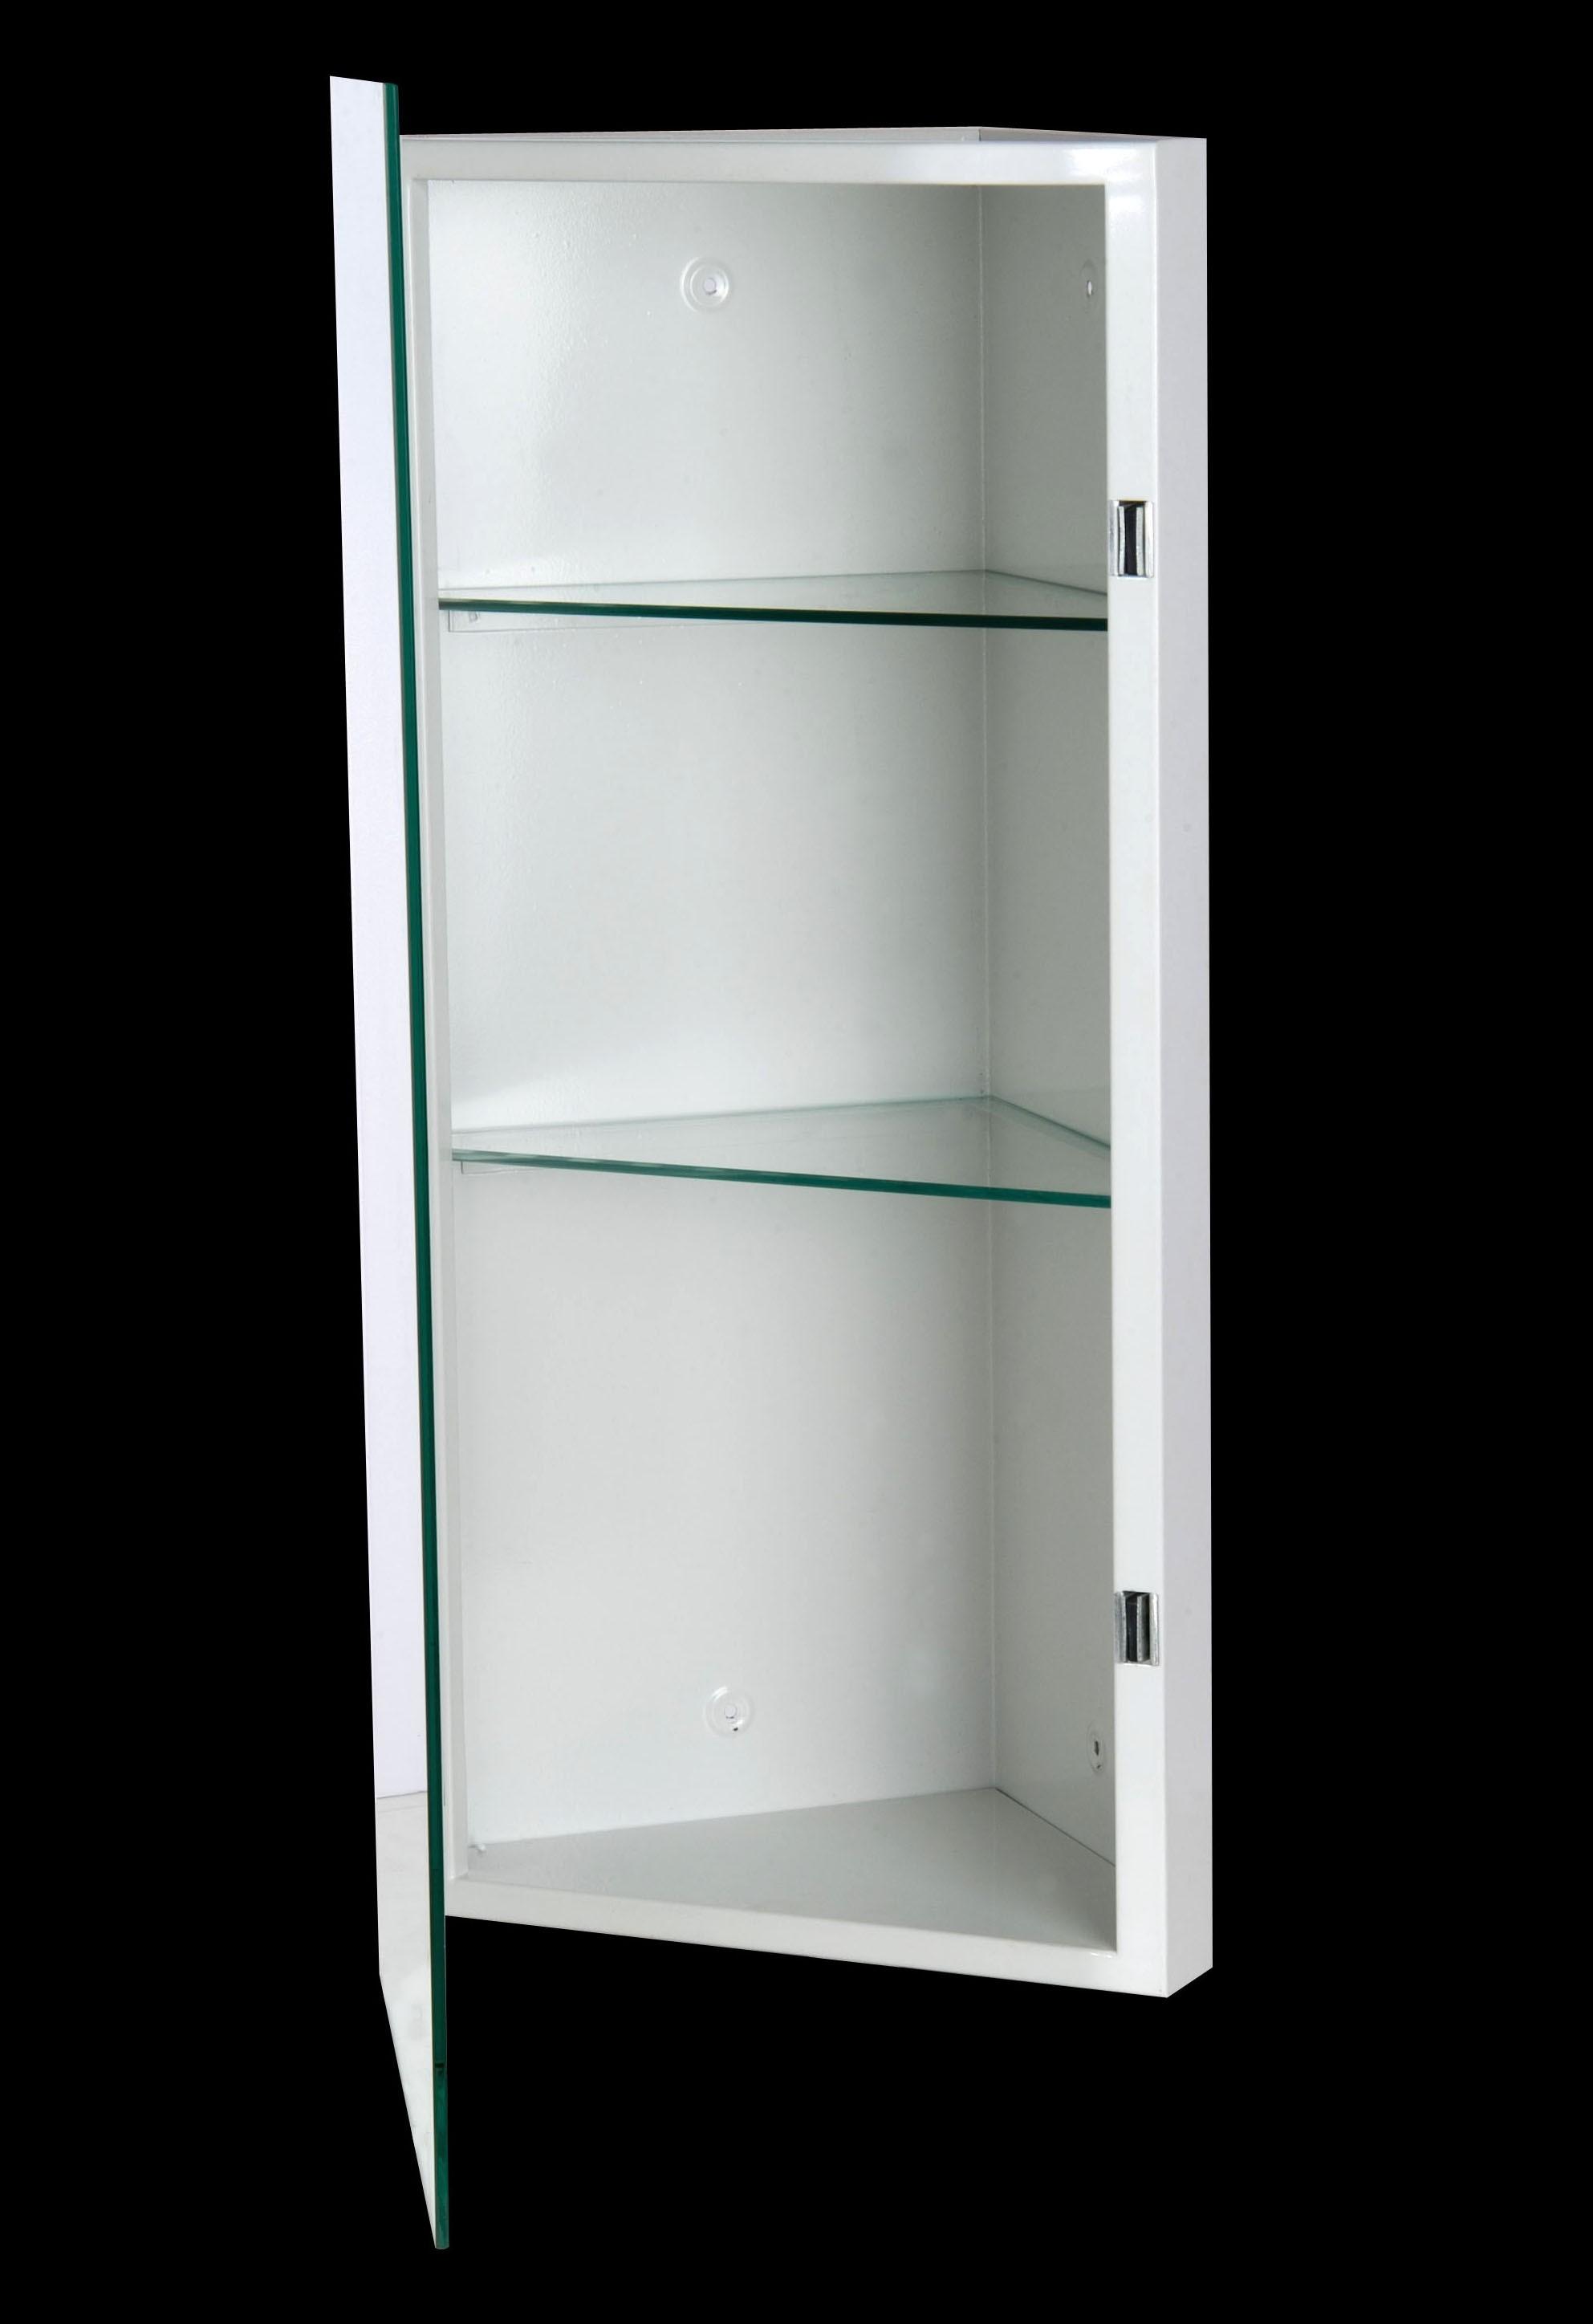 Croydex Simplicity Double Mirror Door Bathroom Cabinet